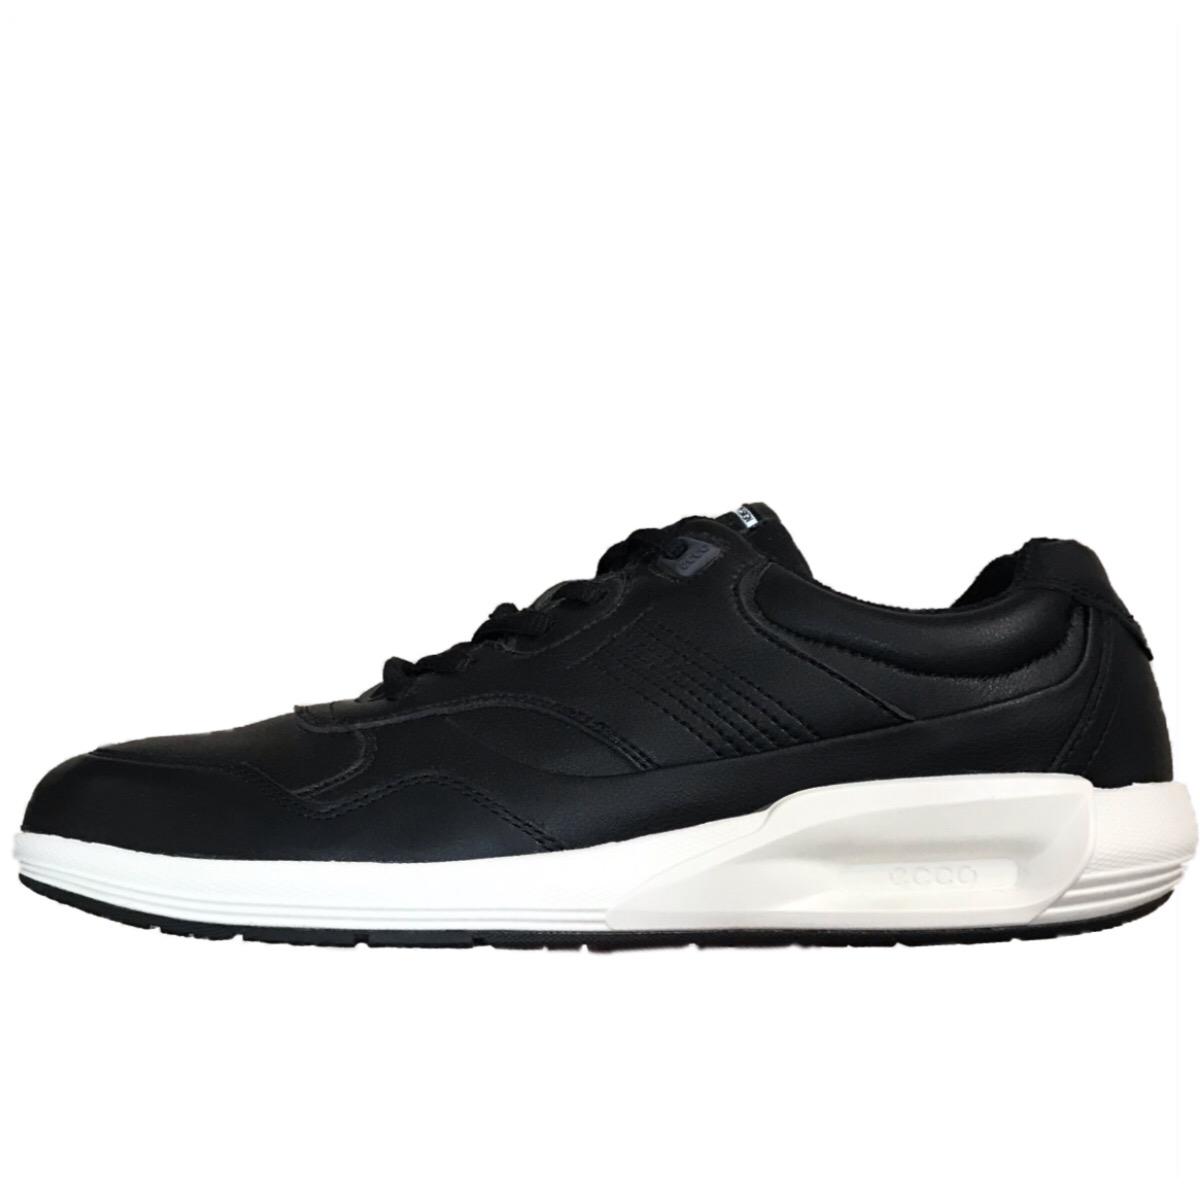 کفش مخصوص پیاده روی مردانه مدل دانیش کد ۰۴۱